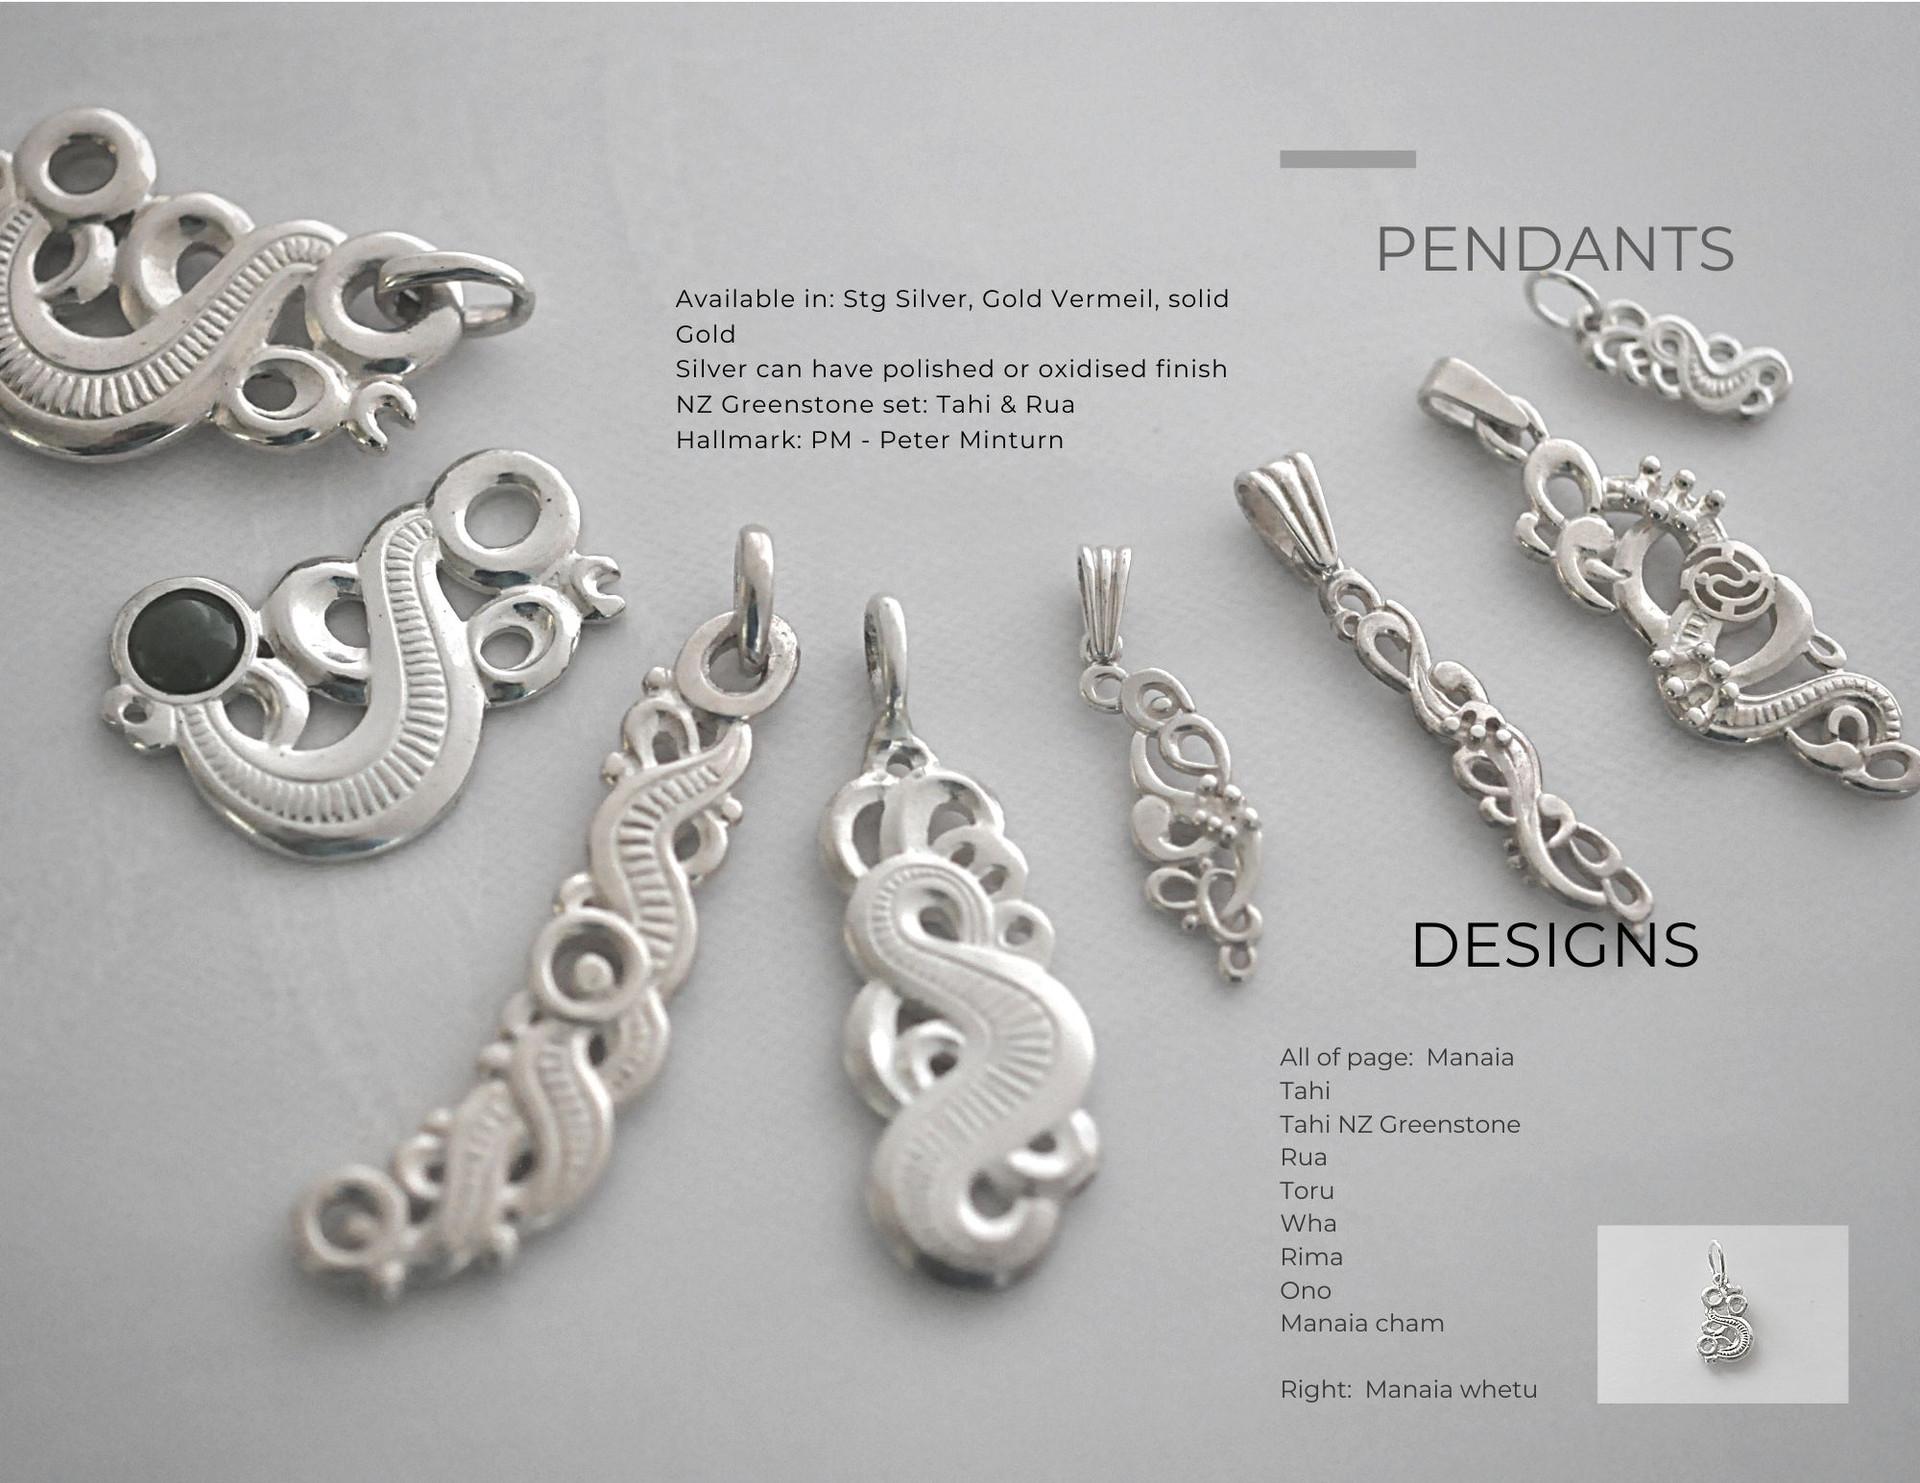 Manaia Designs